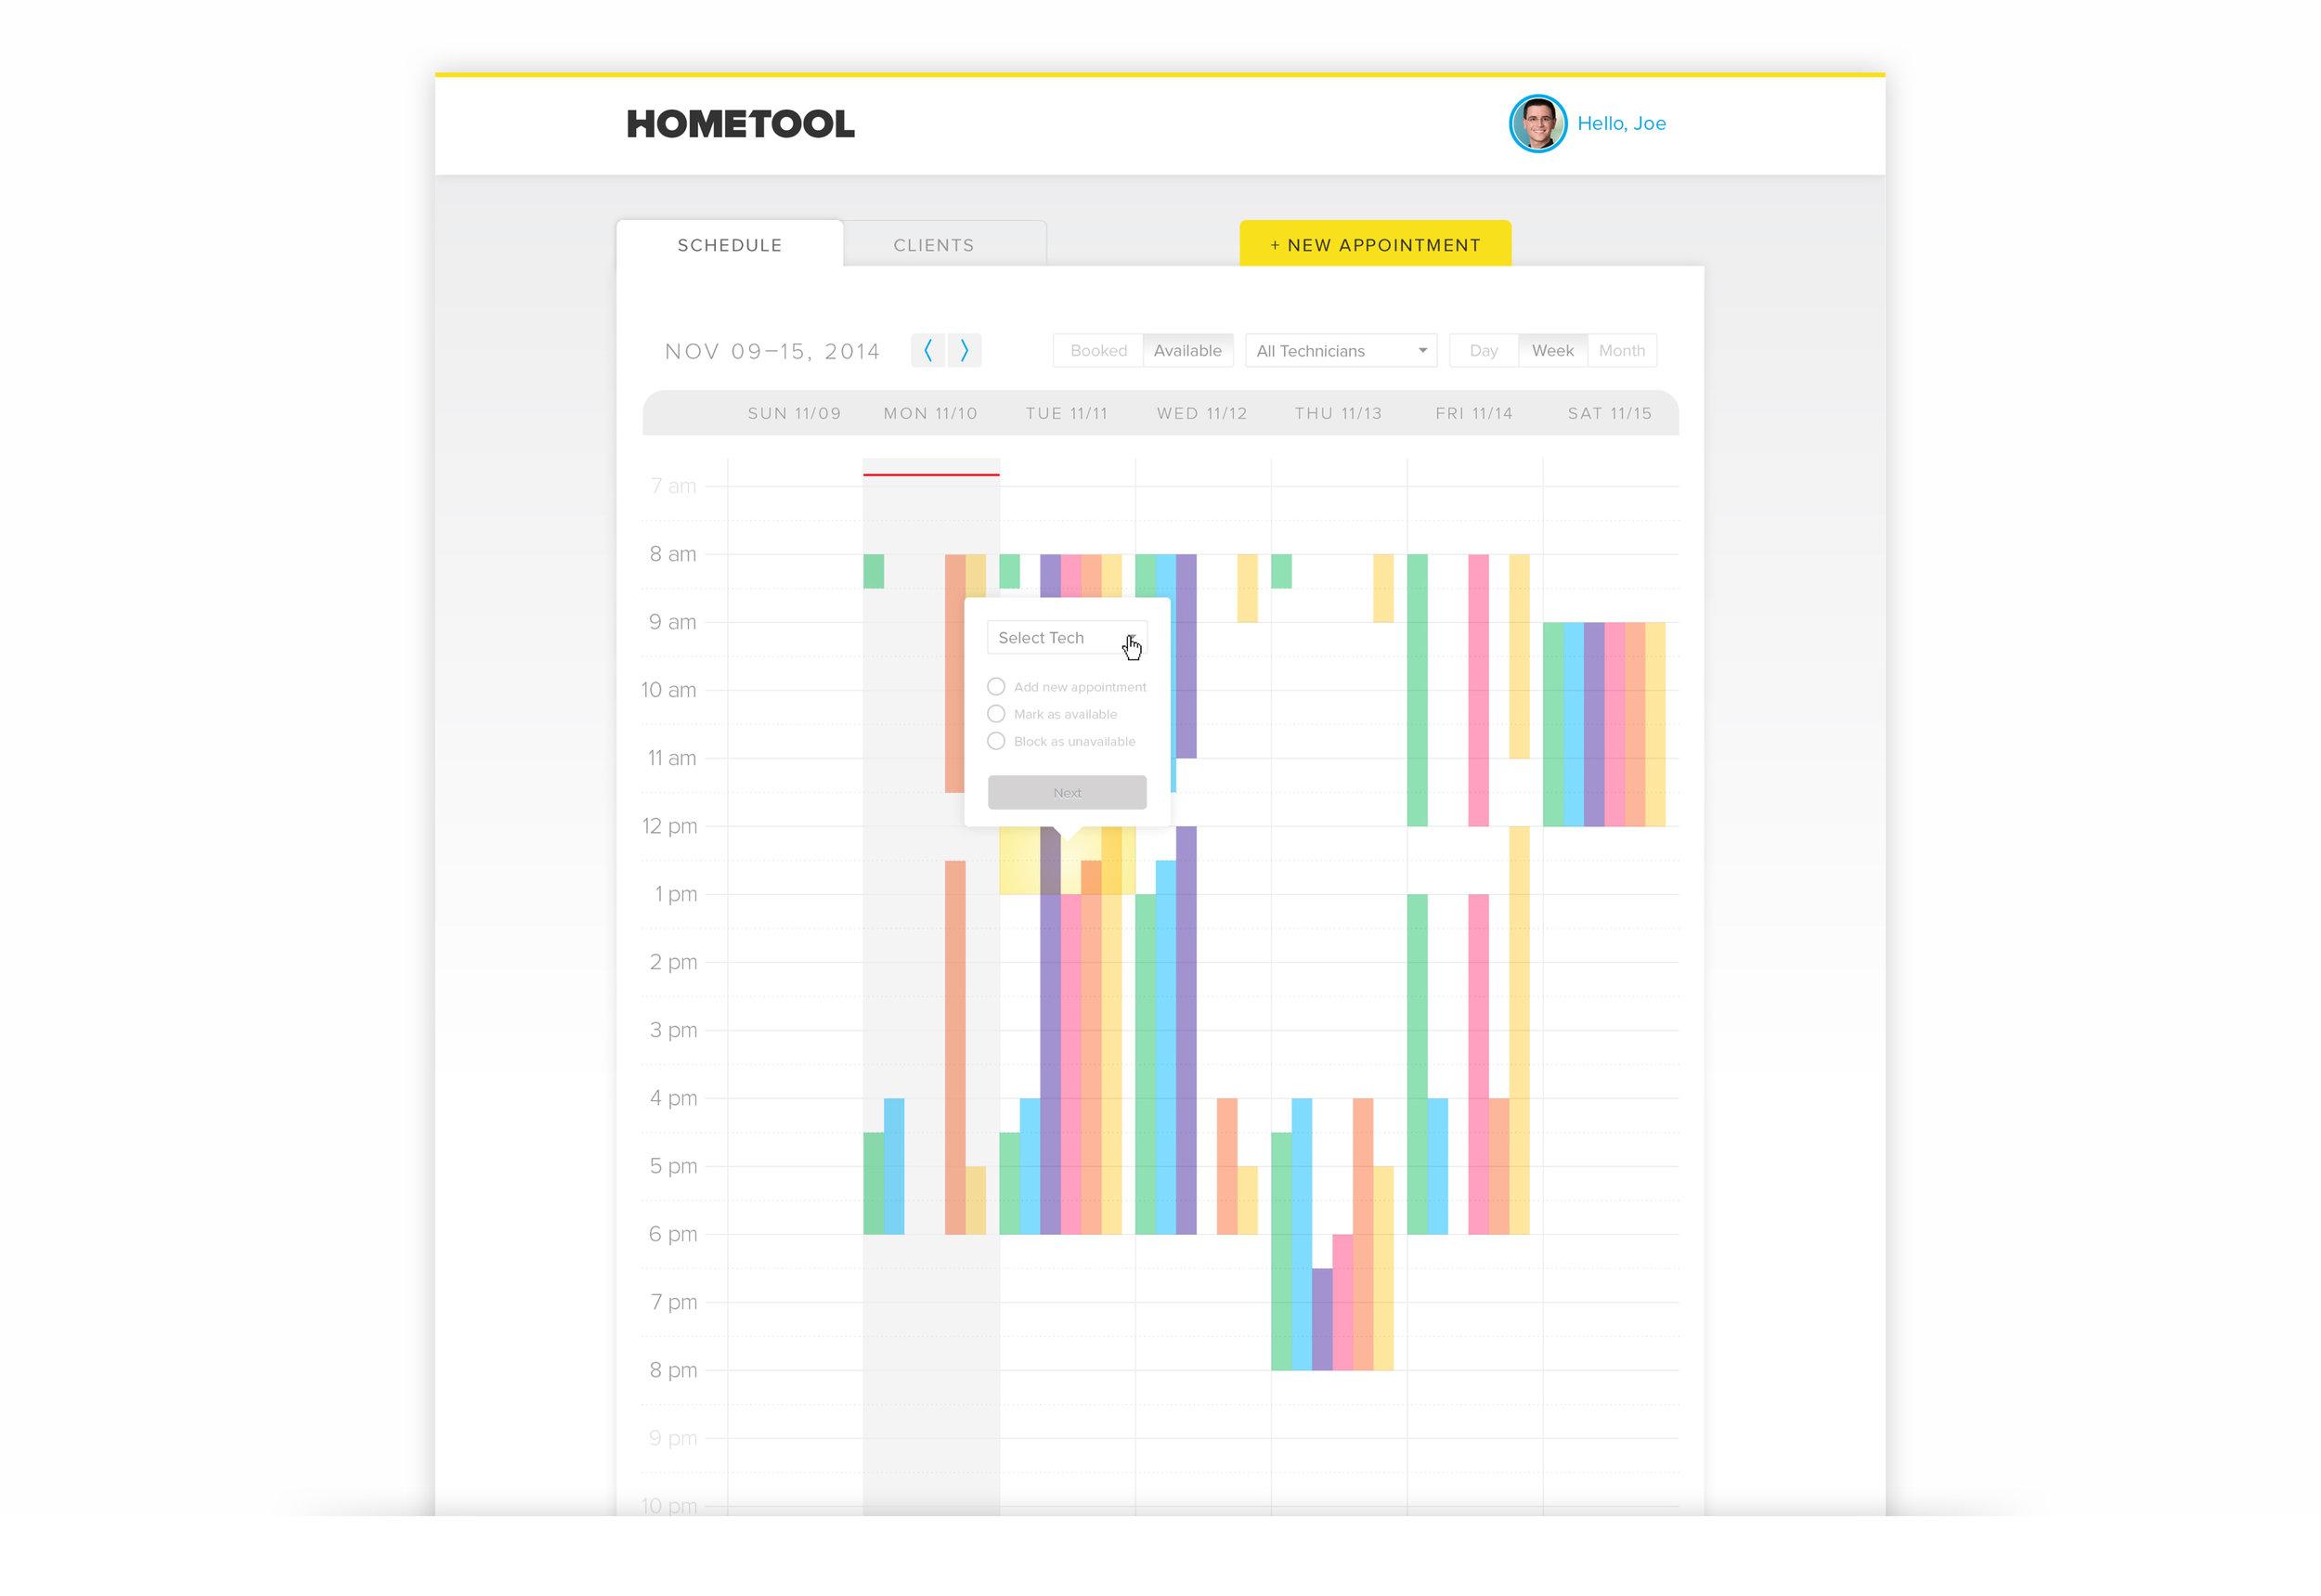 hometool_calendar-02@2x.jpg